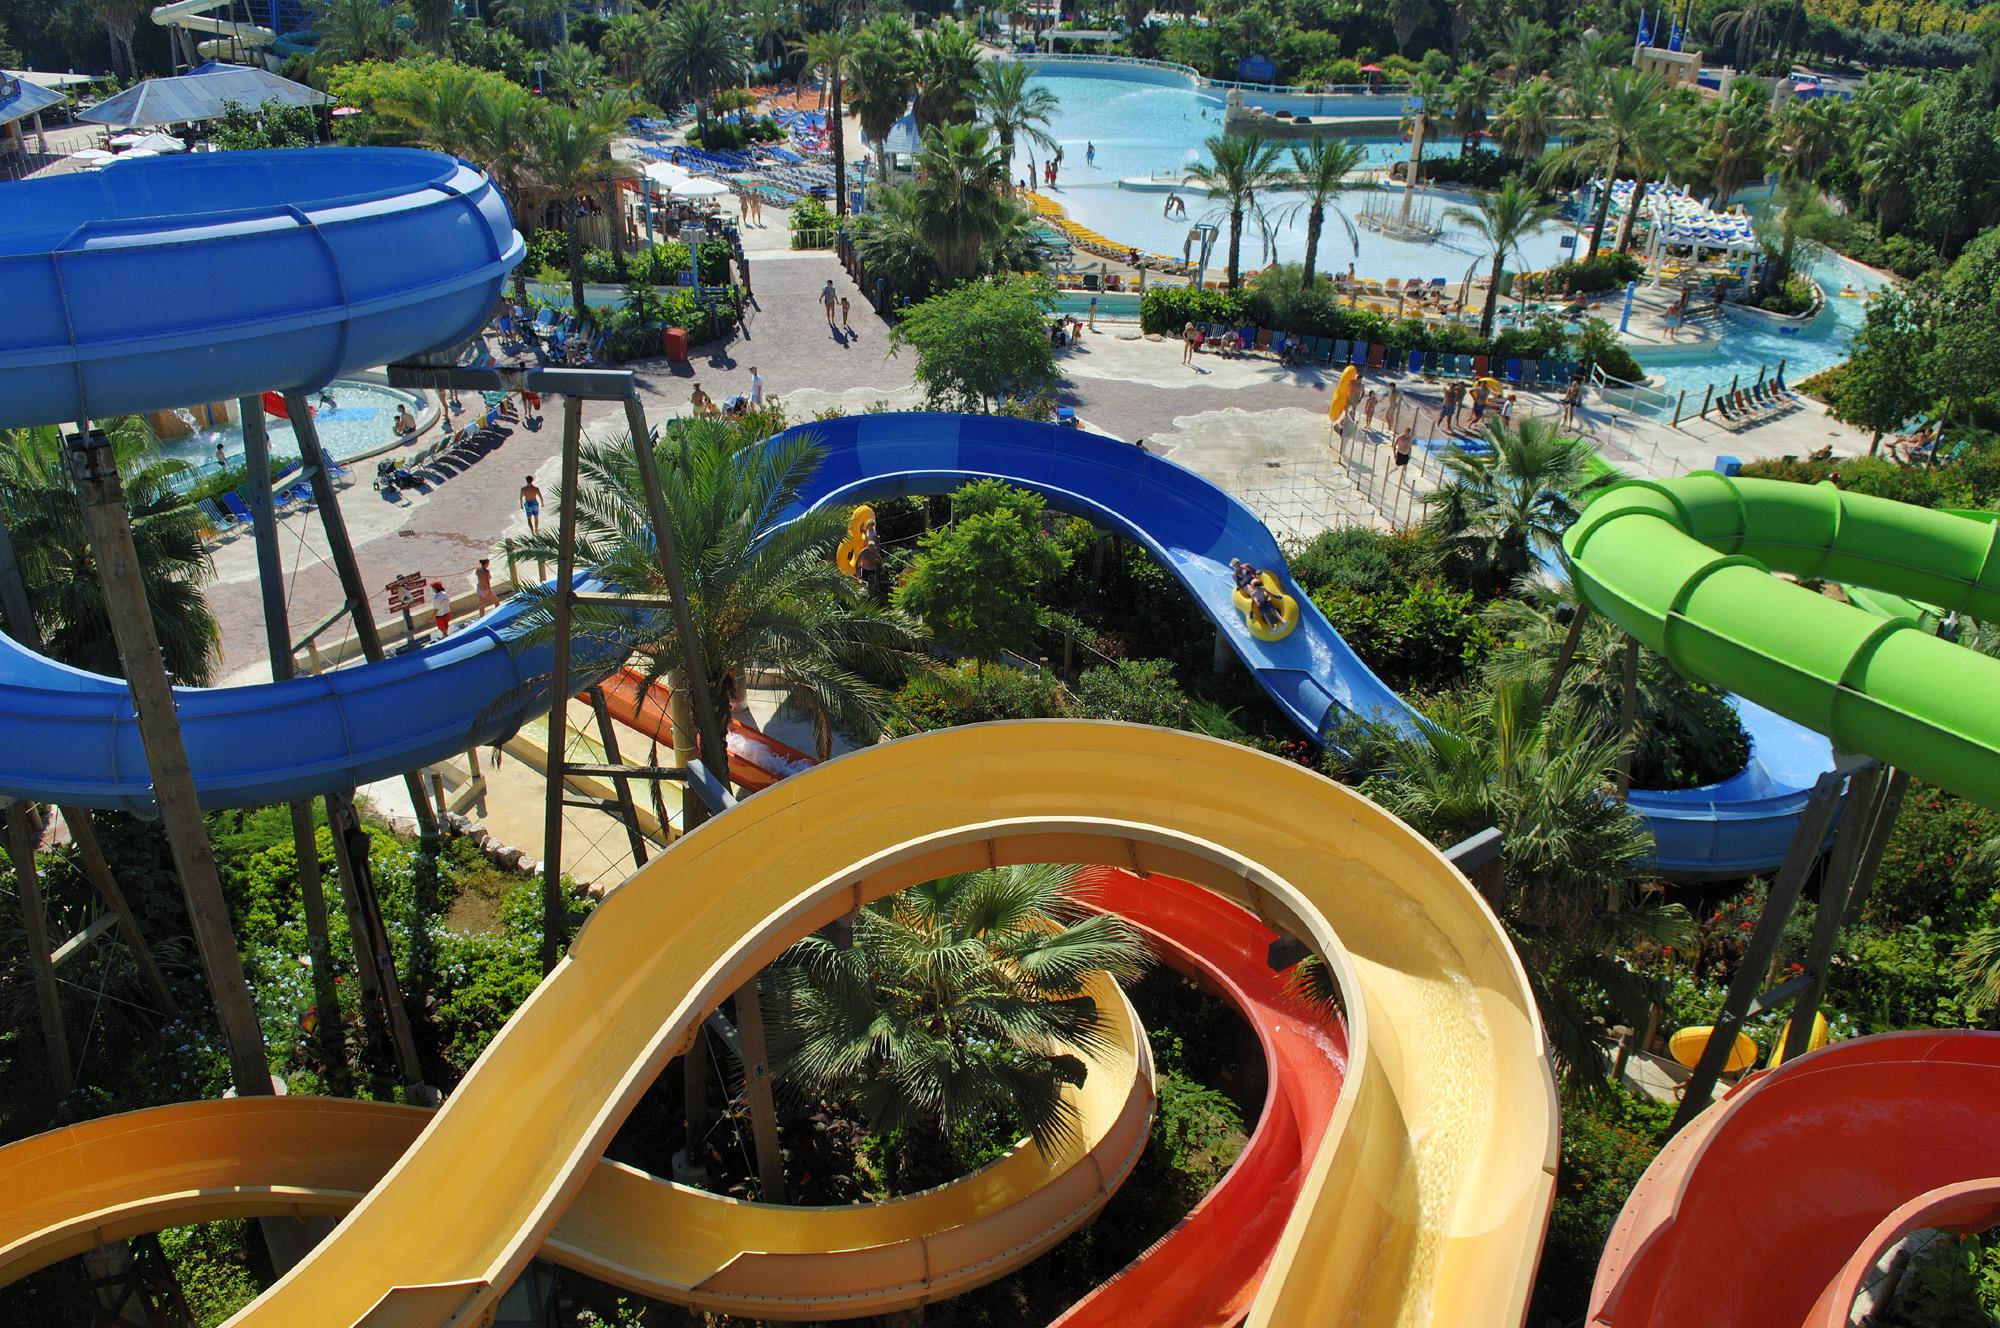 В парке Порт Авентура есть также аквапарк Caribe Aquatic Park / Фото: Wikipedia C.C.